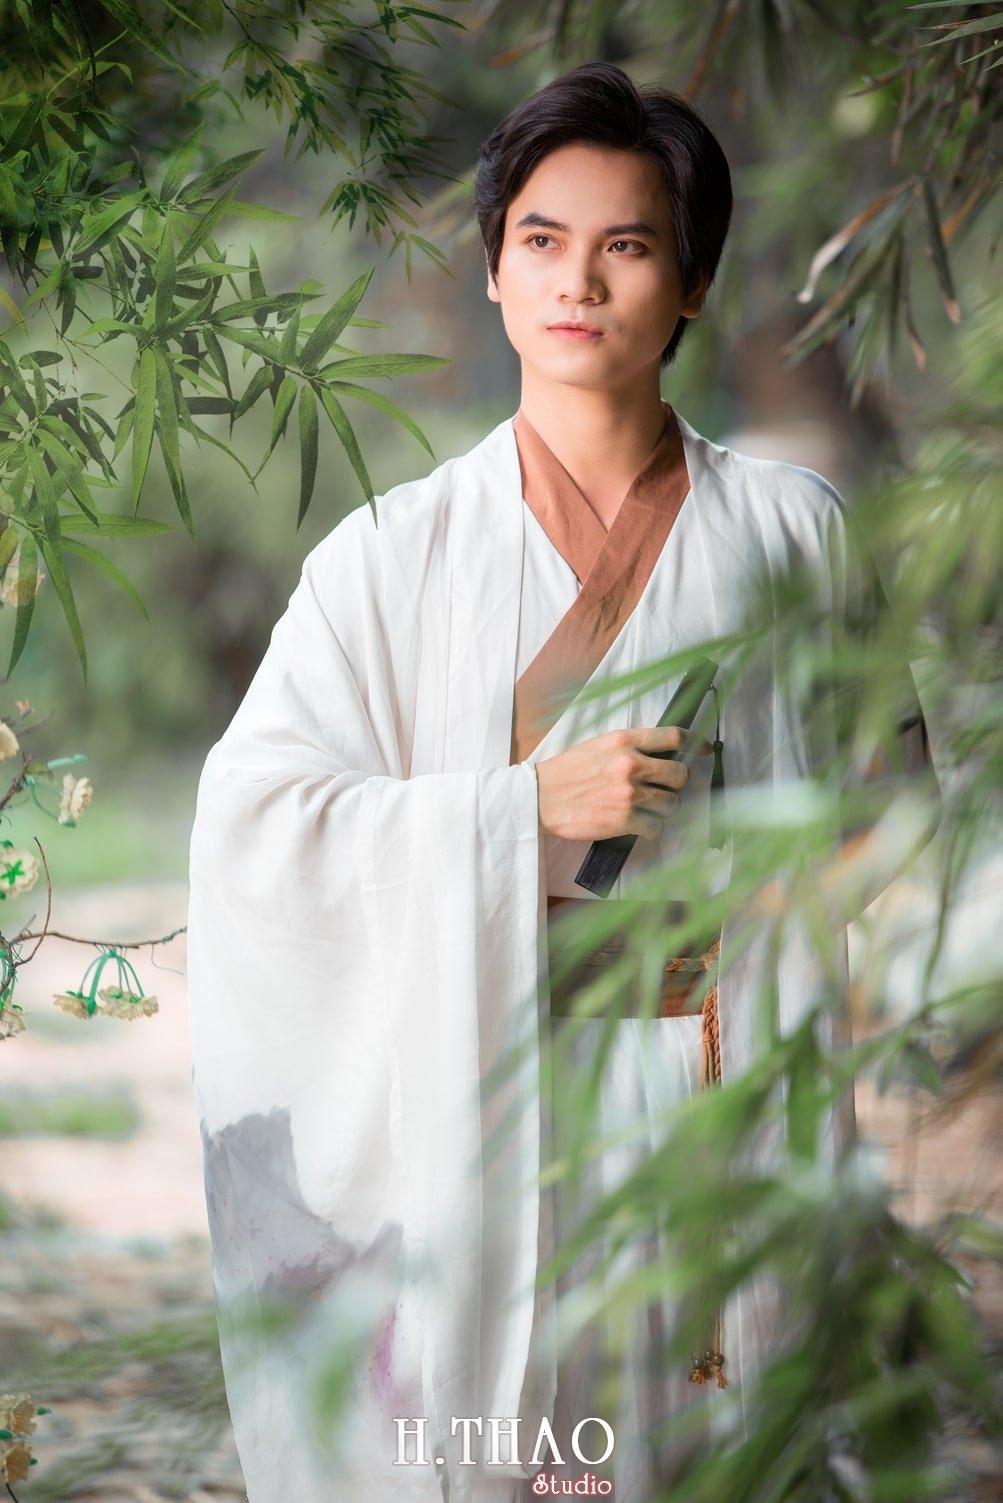 Anh co trang nam 1 - Album ảnh cổ trang nam phong cách thư sinh đẹp lạ mắt – HThao Studio